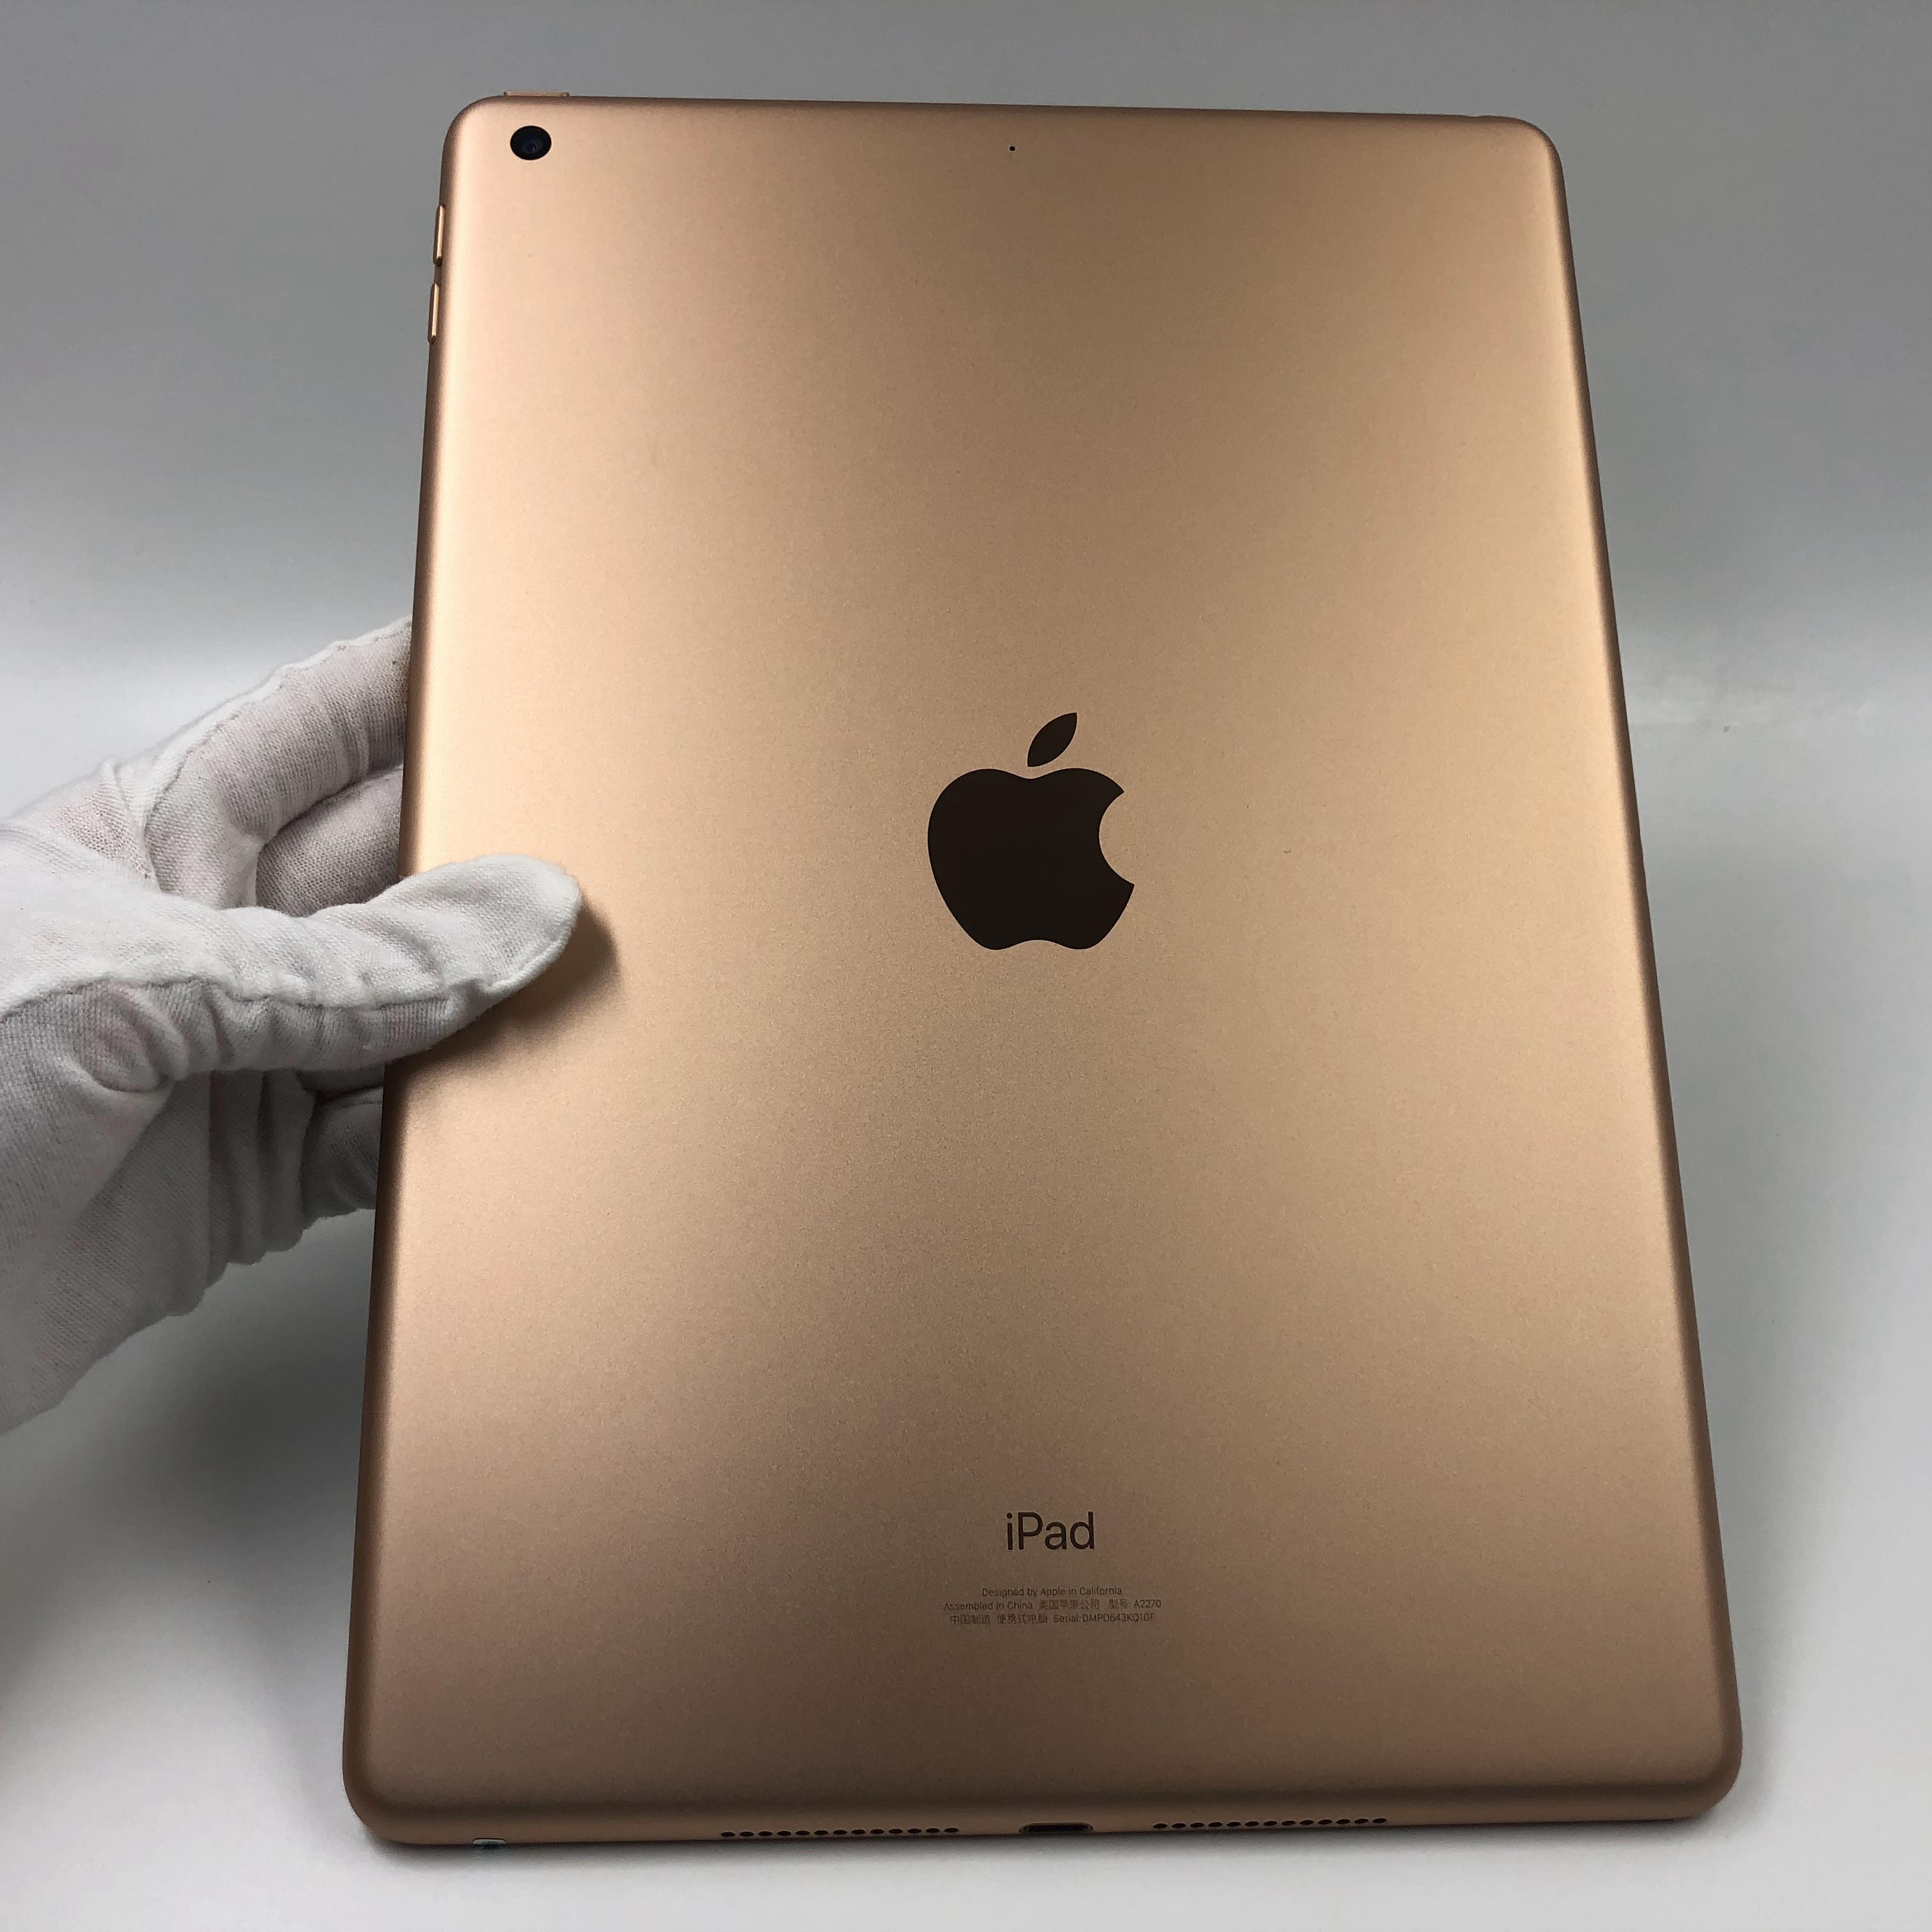 苹果【iPad8 10.2英寸 20款】WIFI版 金色 32G 国行 95新 真机实拍